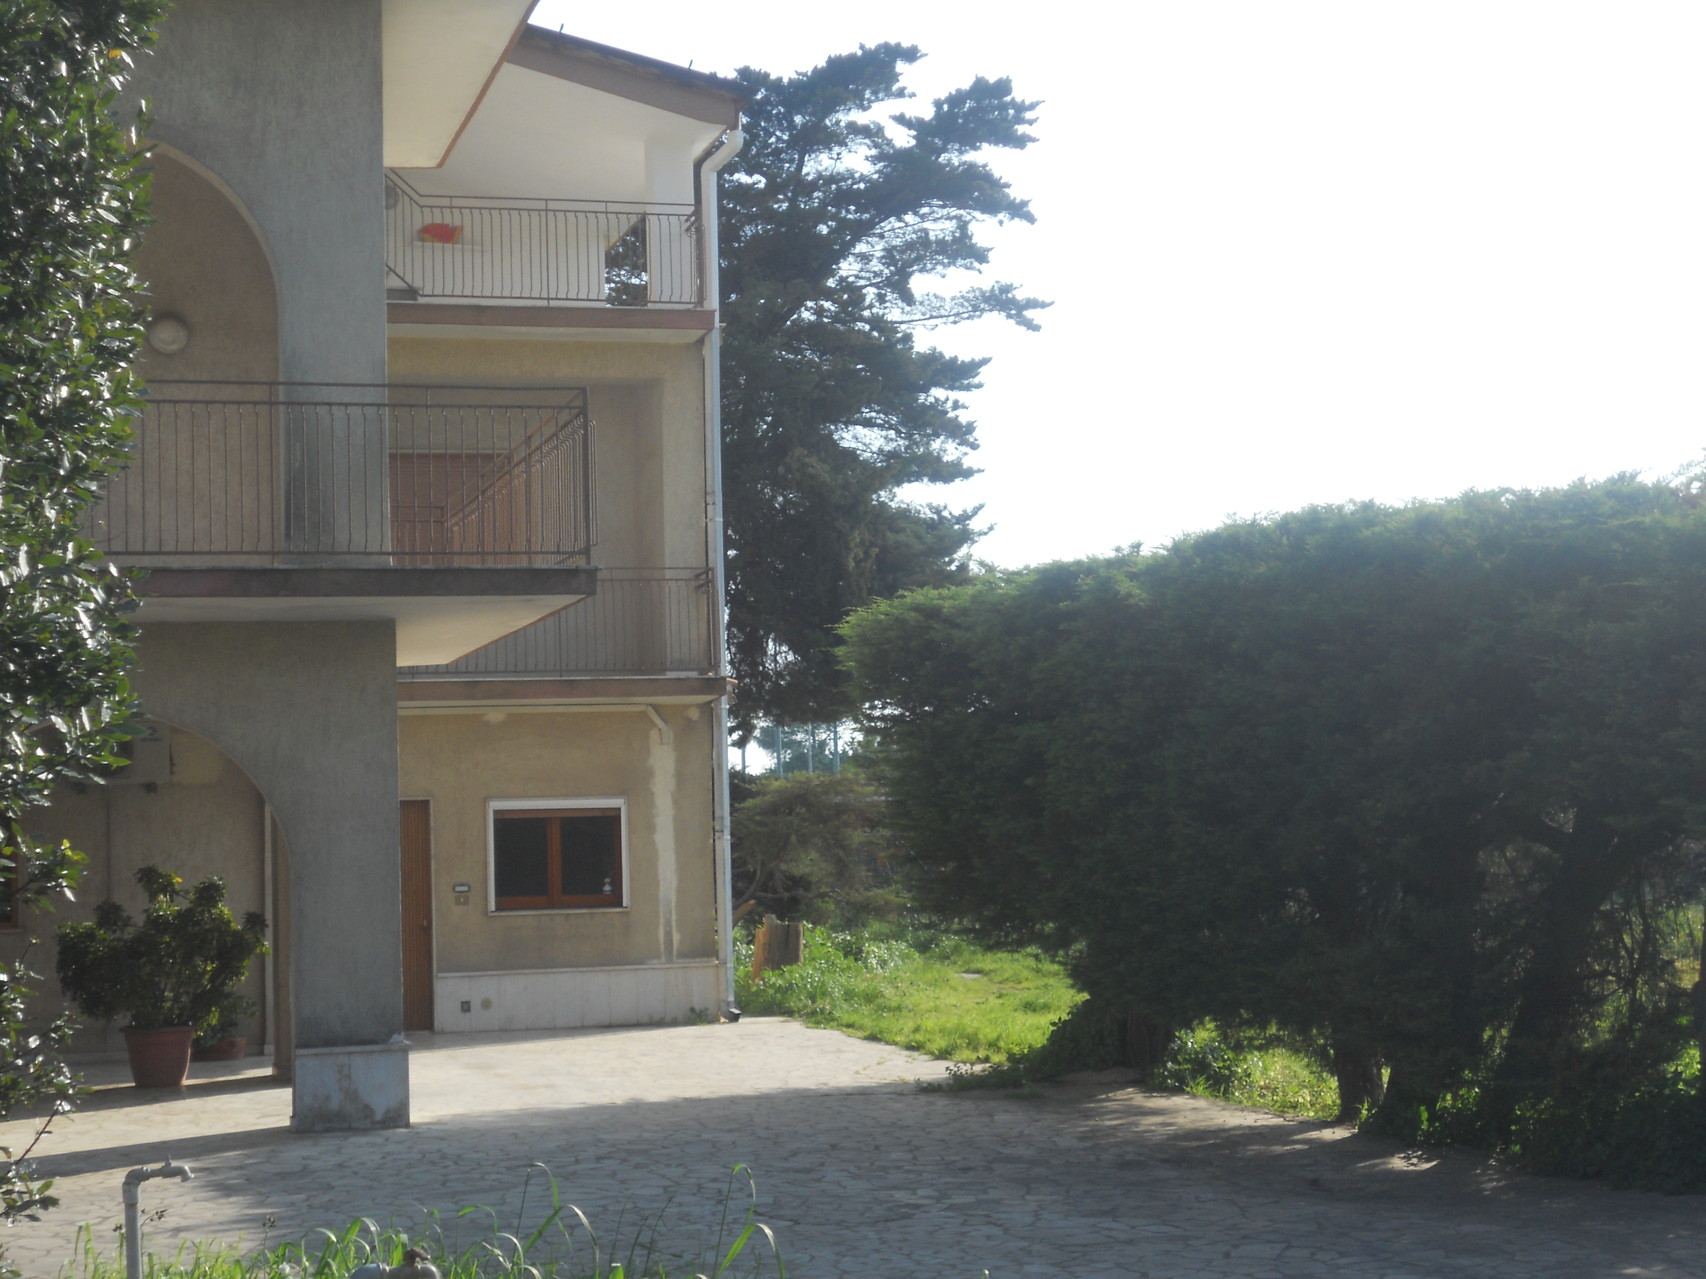 Esterno del lato della villa in cui è l'appartamento